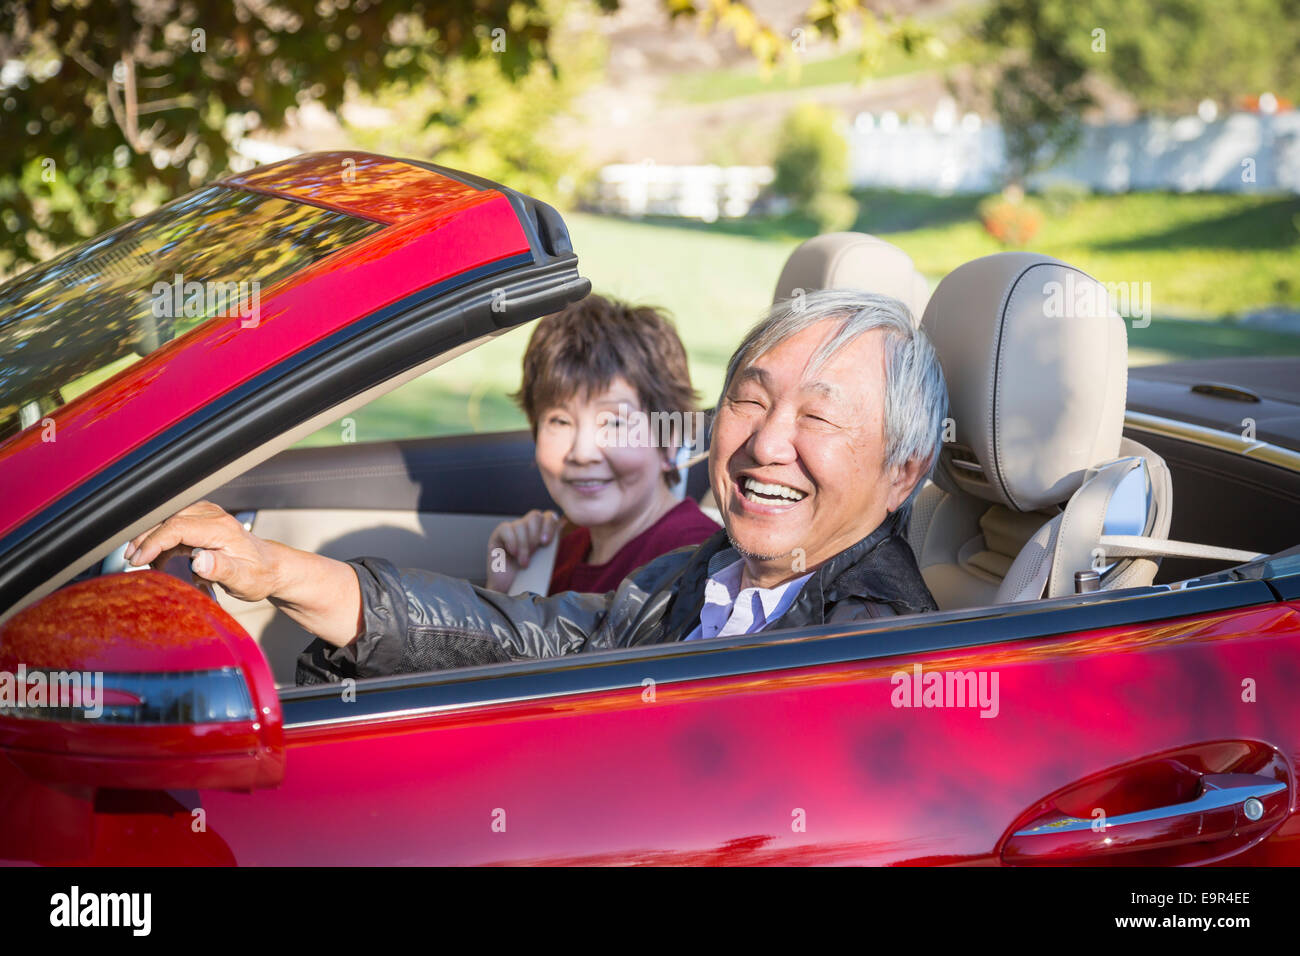 Attraktiven chinesischen Brautpaar genießen Sie einen Nachmittag fahren in ihrem Cabrio. Stockbild